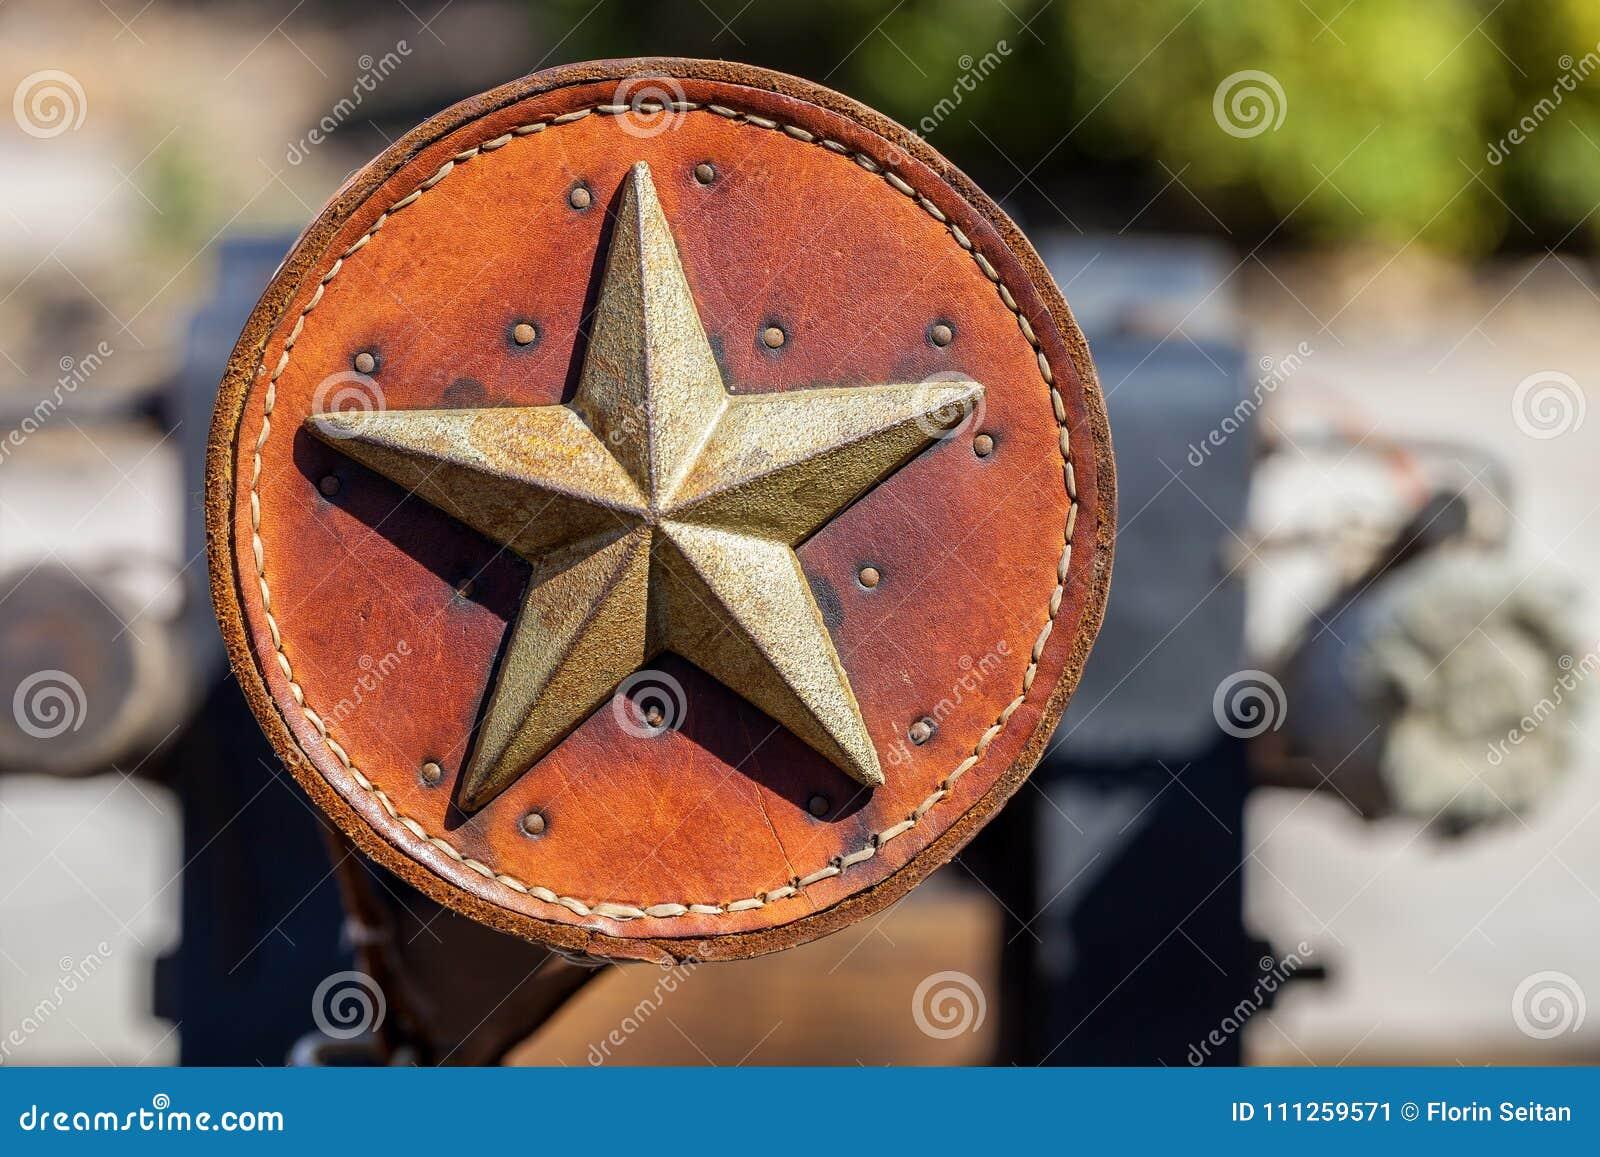 Antike lederne Verzierung verziert mit Metall-Texas-Stern